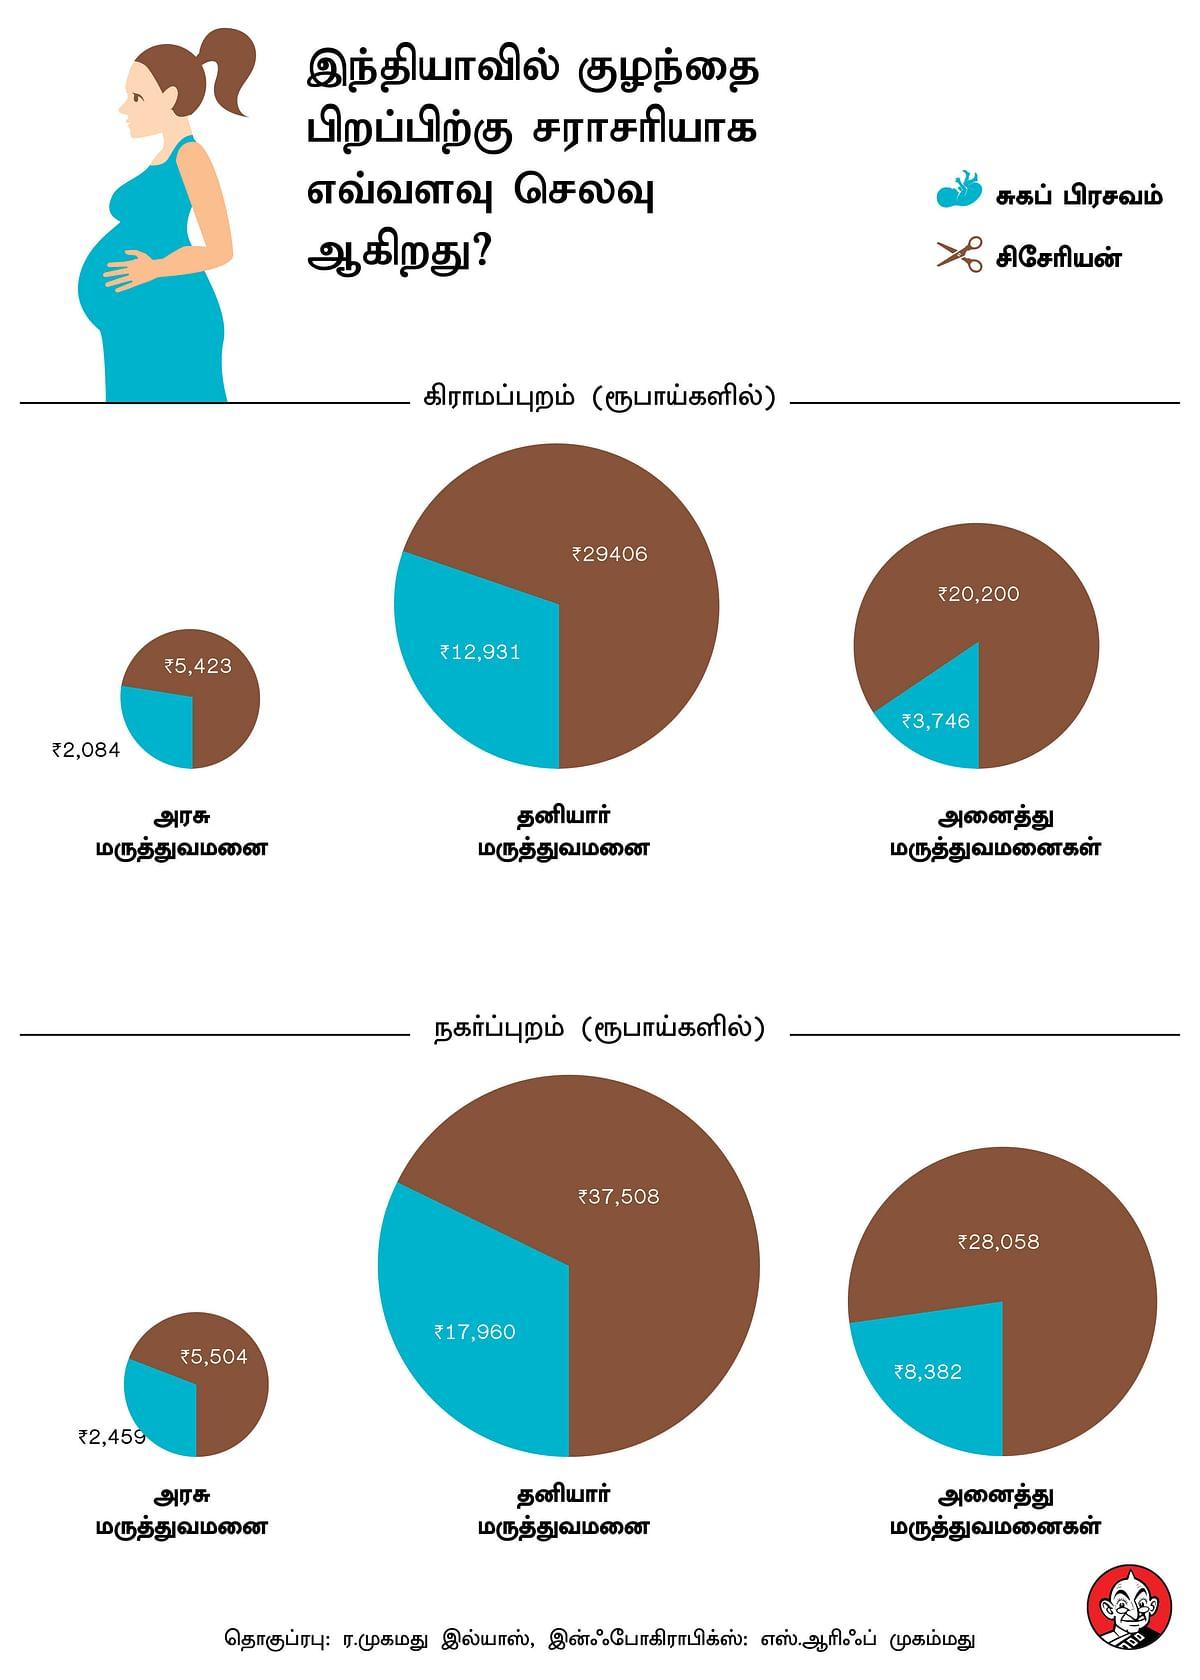 இந்தியாவில் குழந்தை பிறப்பிற்கு சராசரியாக எவ்வளவு செலவு ஆகிறது?